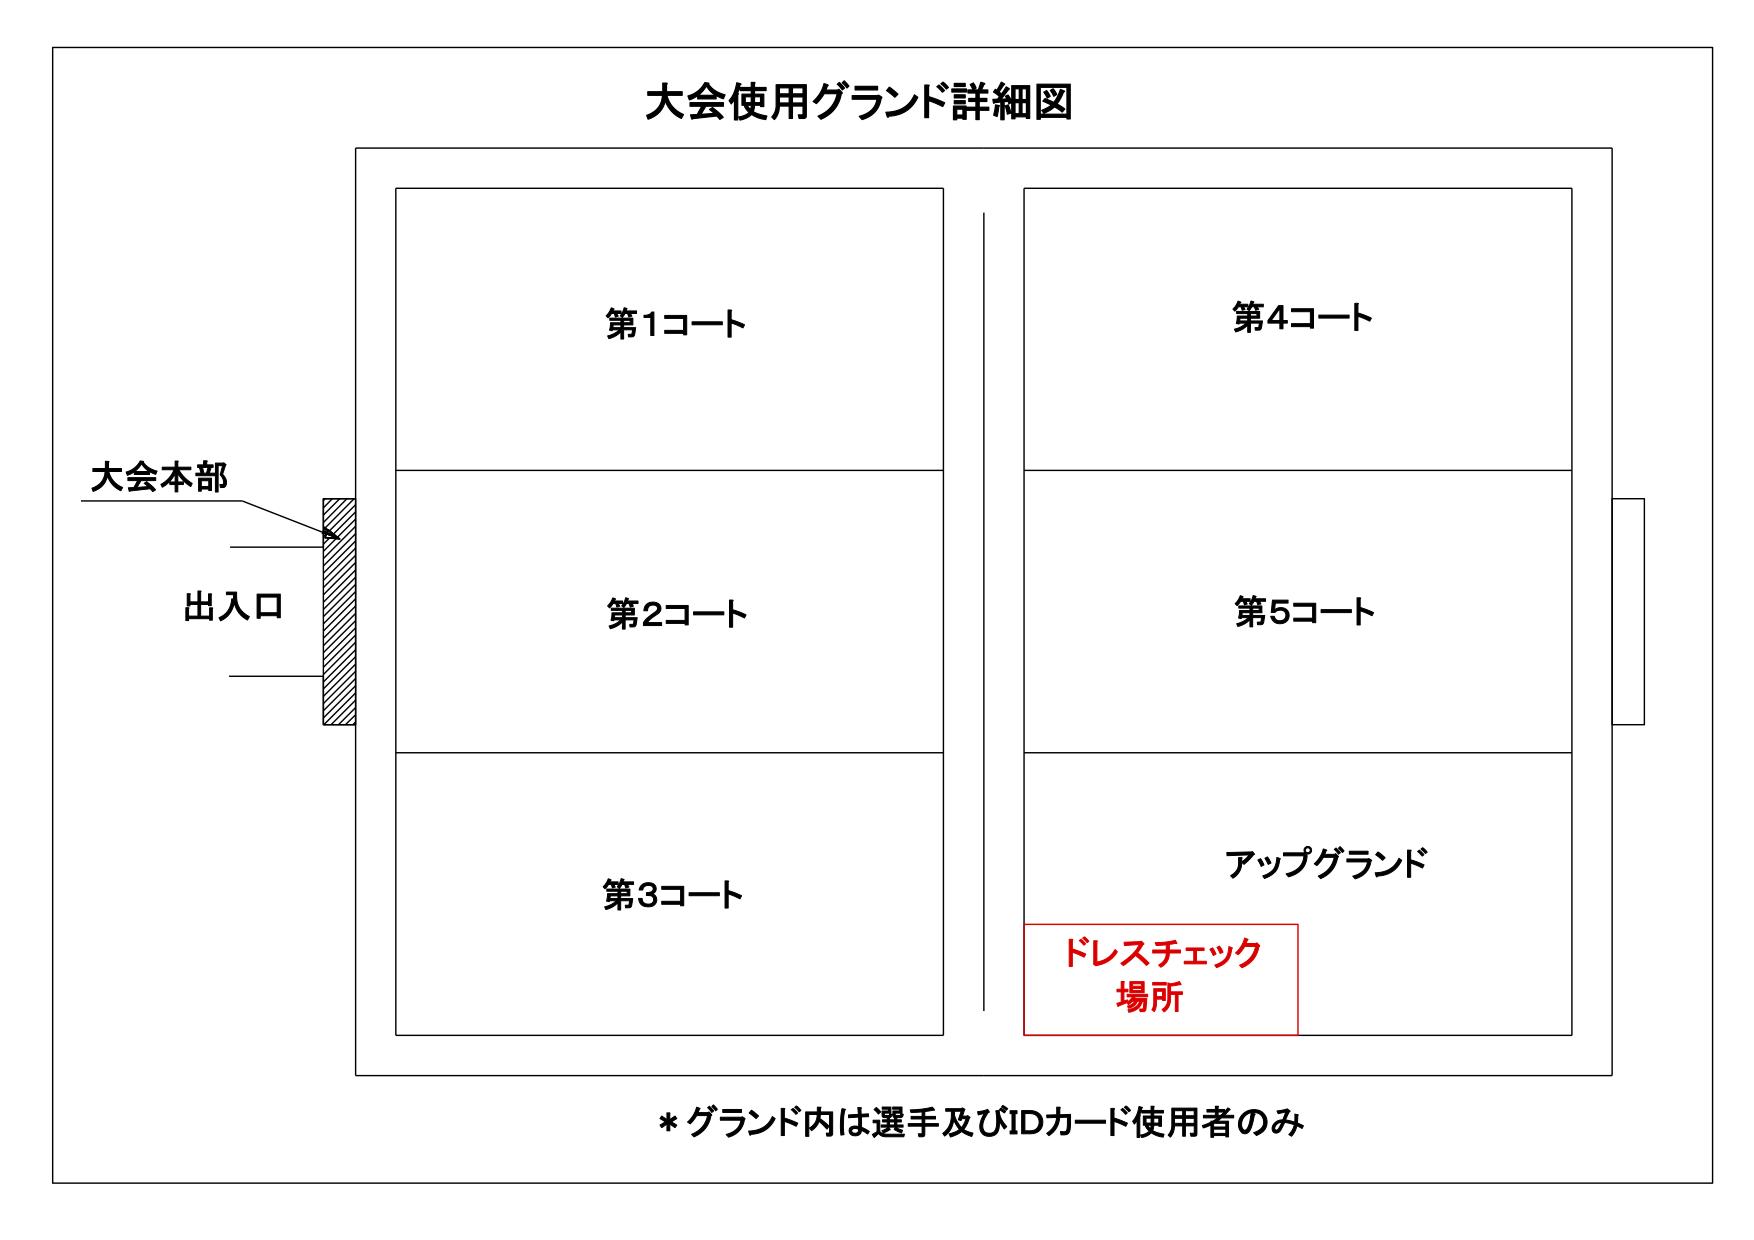 Jグリーン堺グランド見取り図2